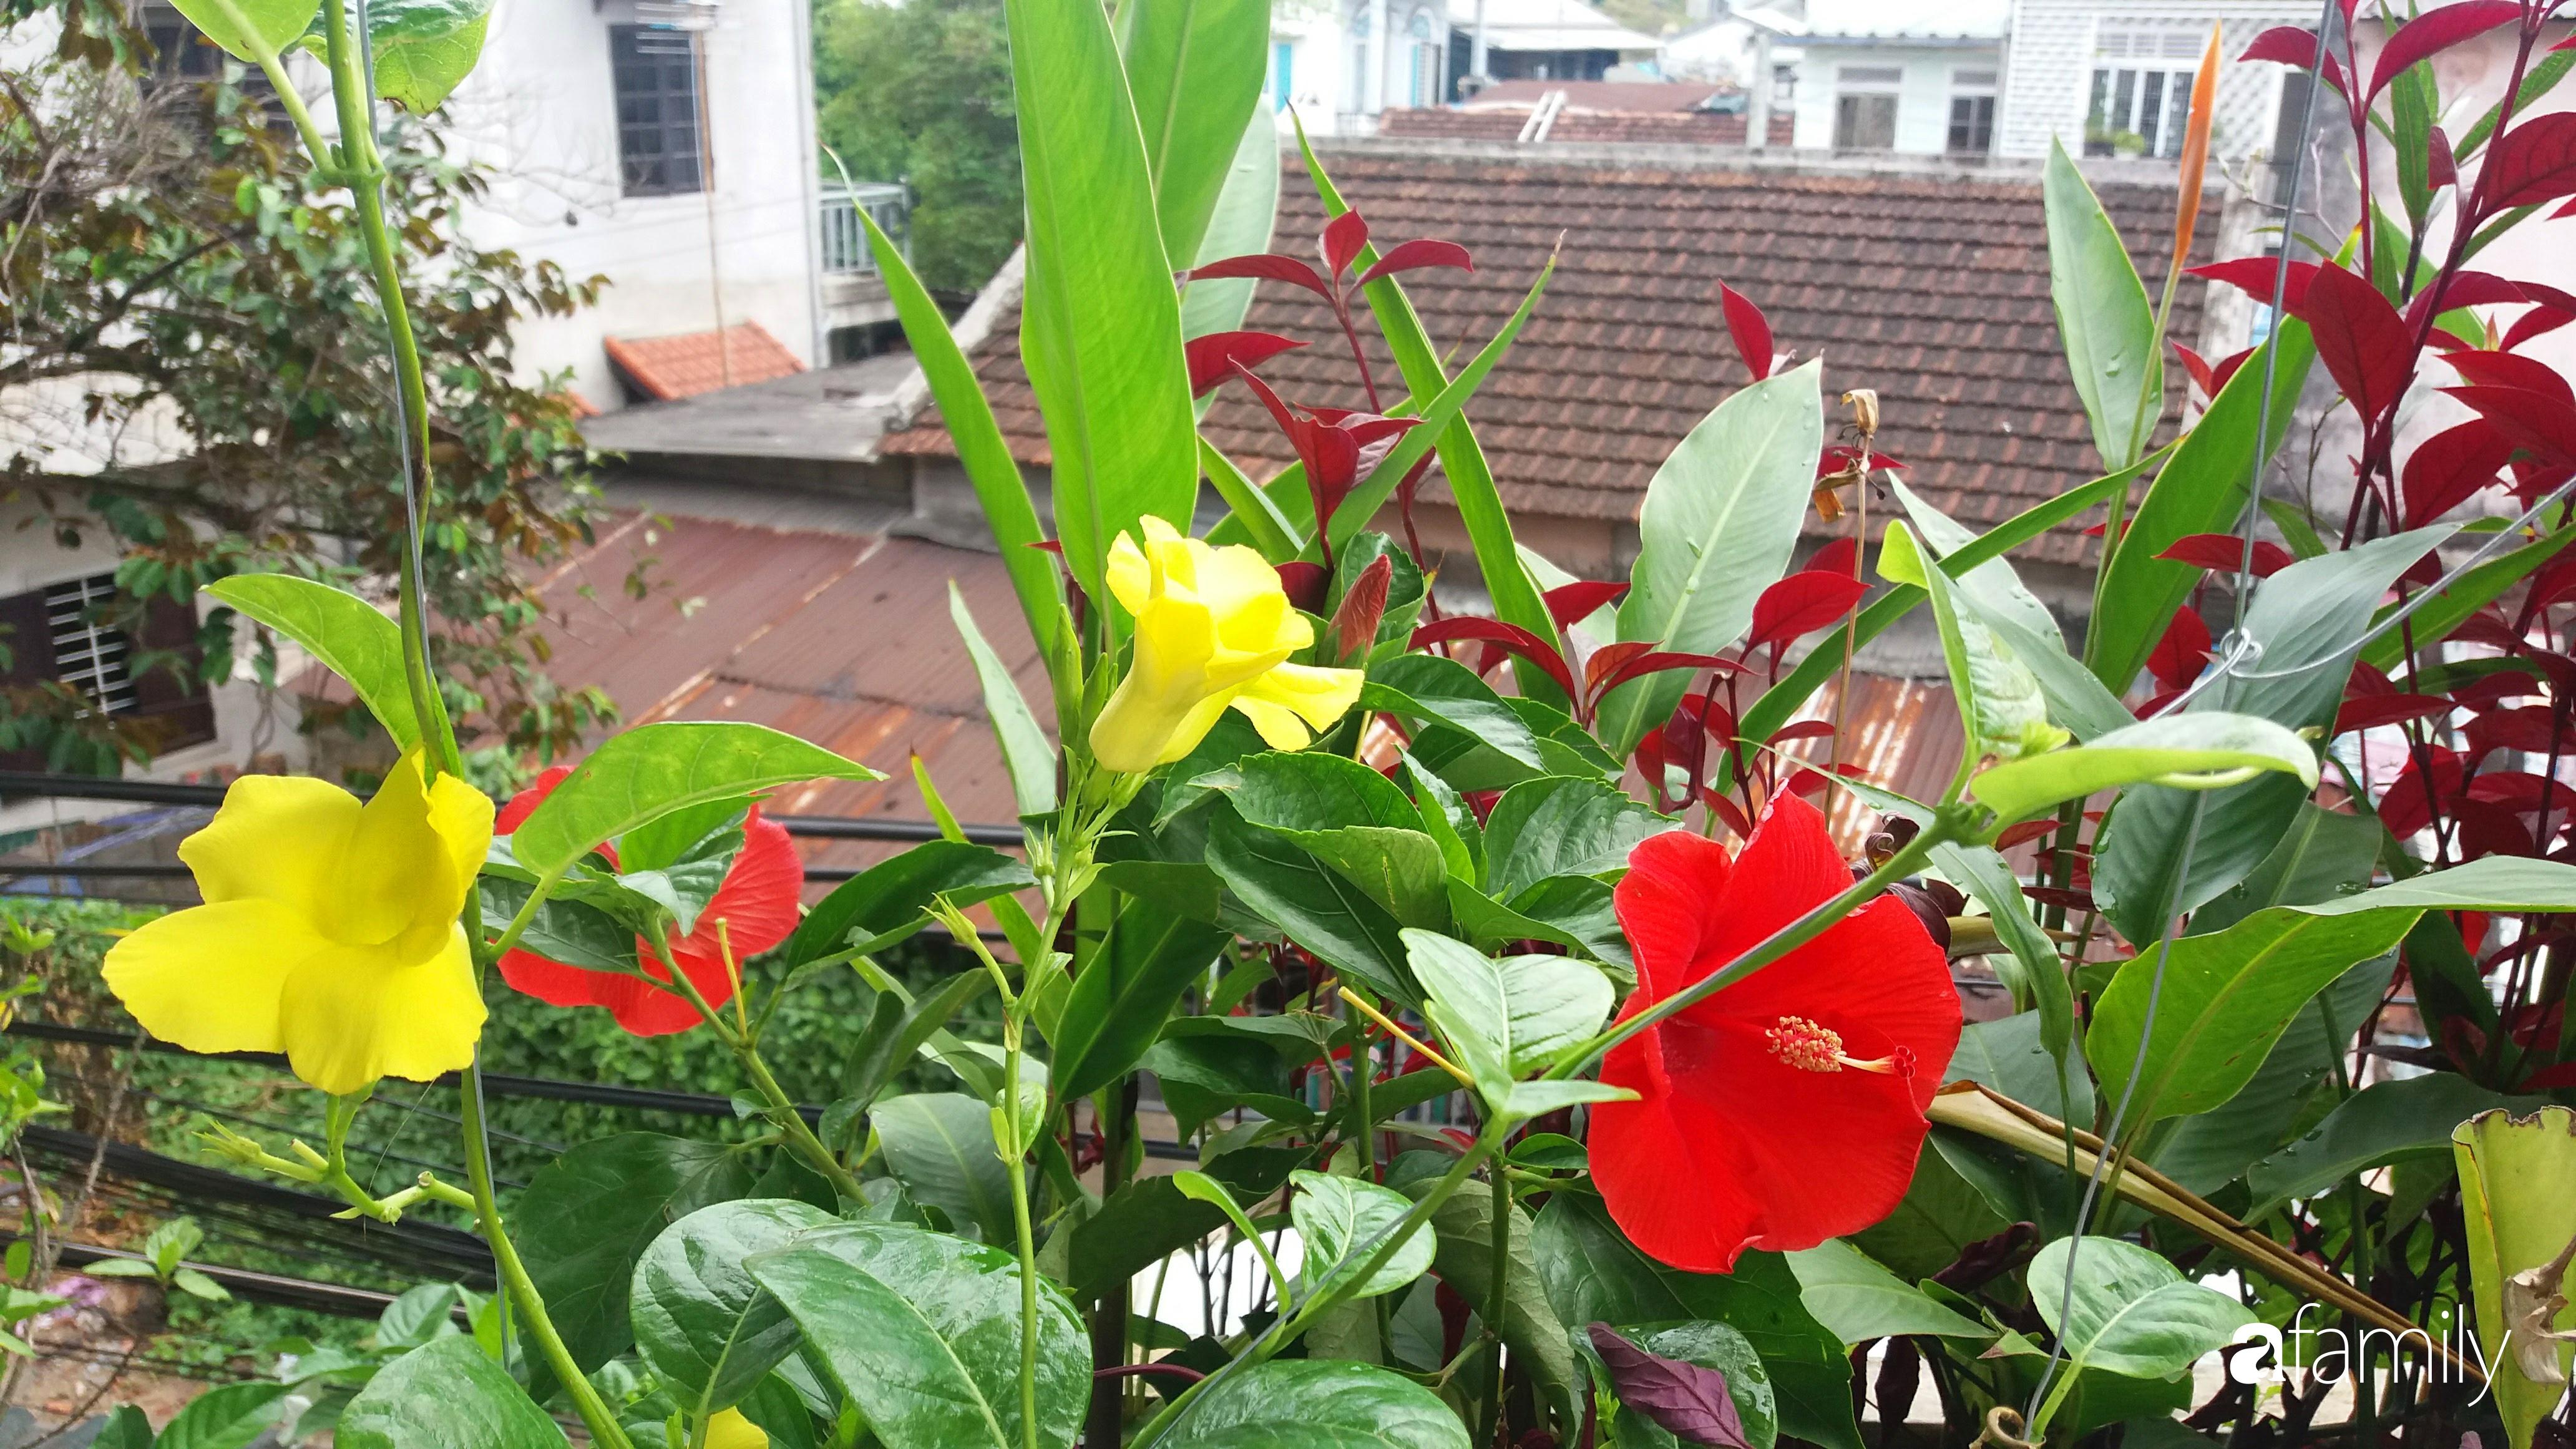 Ở nhà nghỉ dịch, chàng trai xứ Huế thảnh thơi bên ban công tự thiết kế với tiểu cảnh có hoa có cá phong cách nhiệt đới - Ảnh 8.